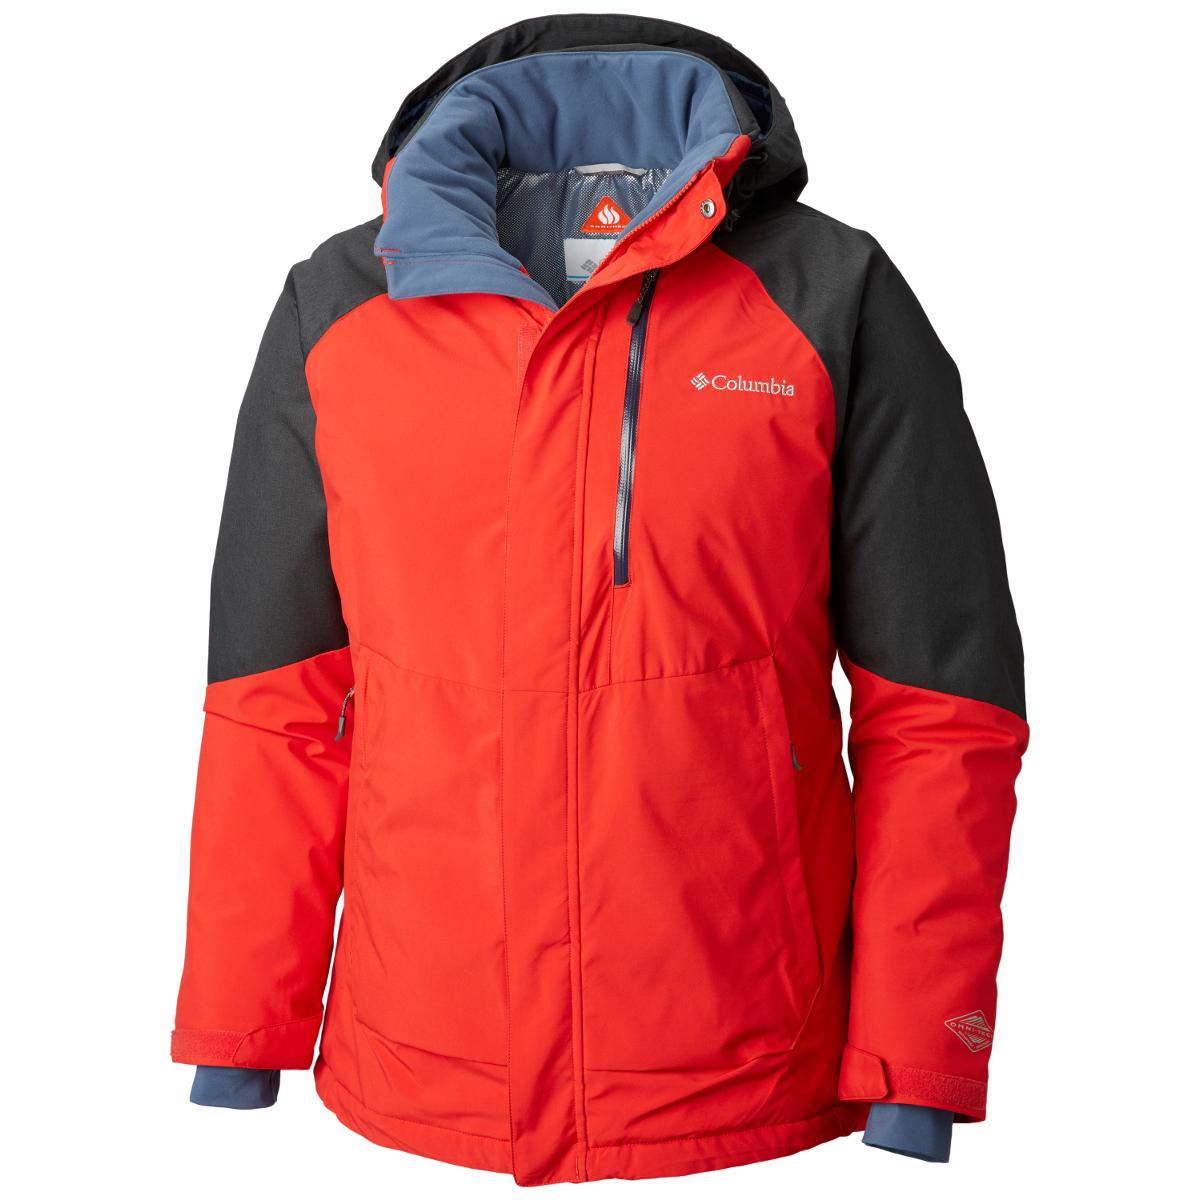 Columbia Men's Wildside Jacket - Red, XL